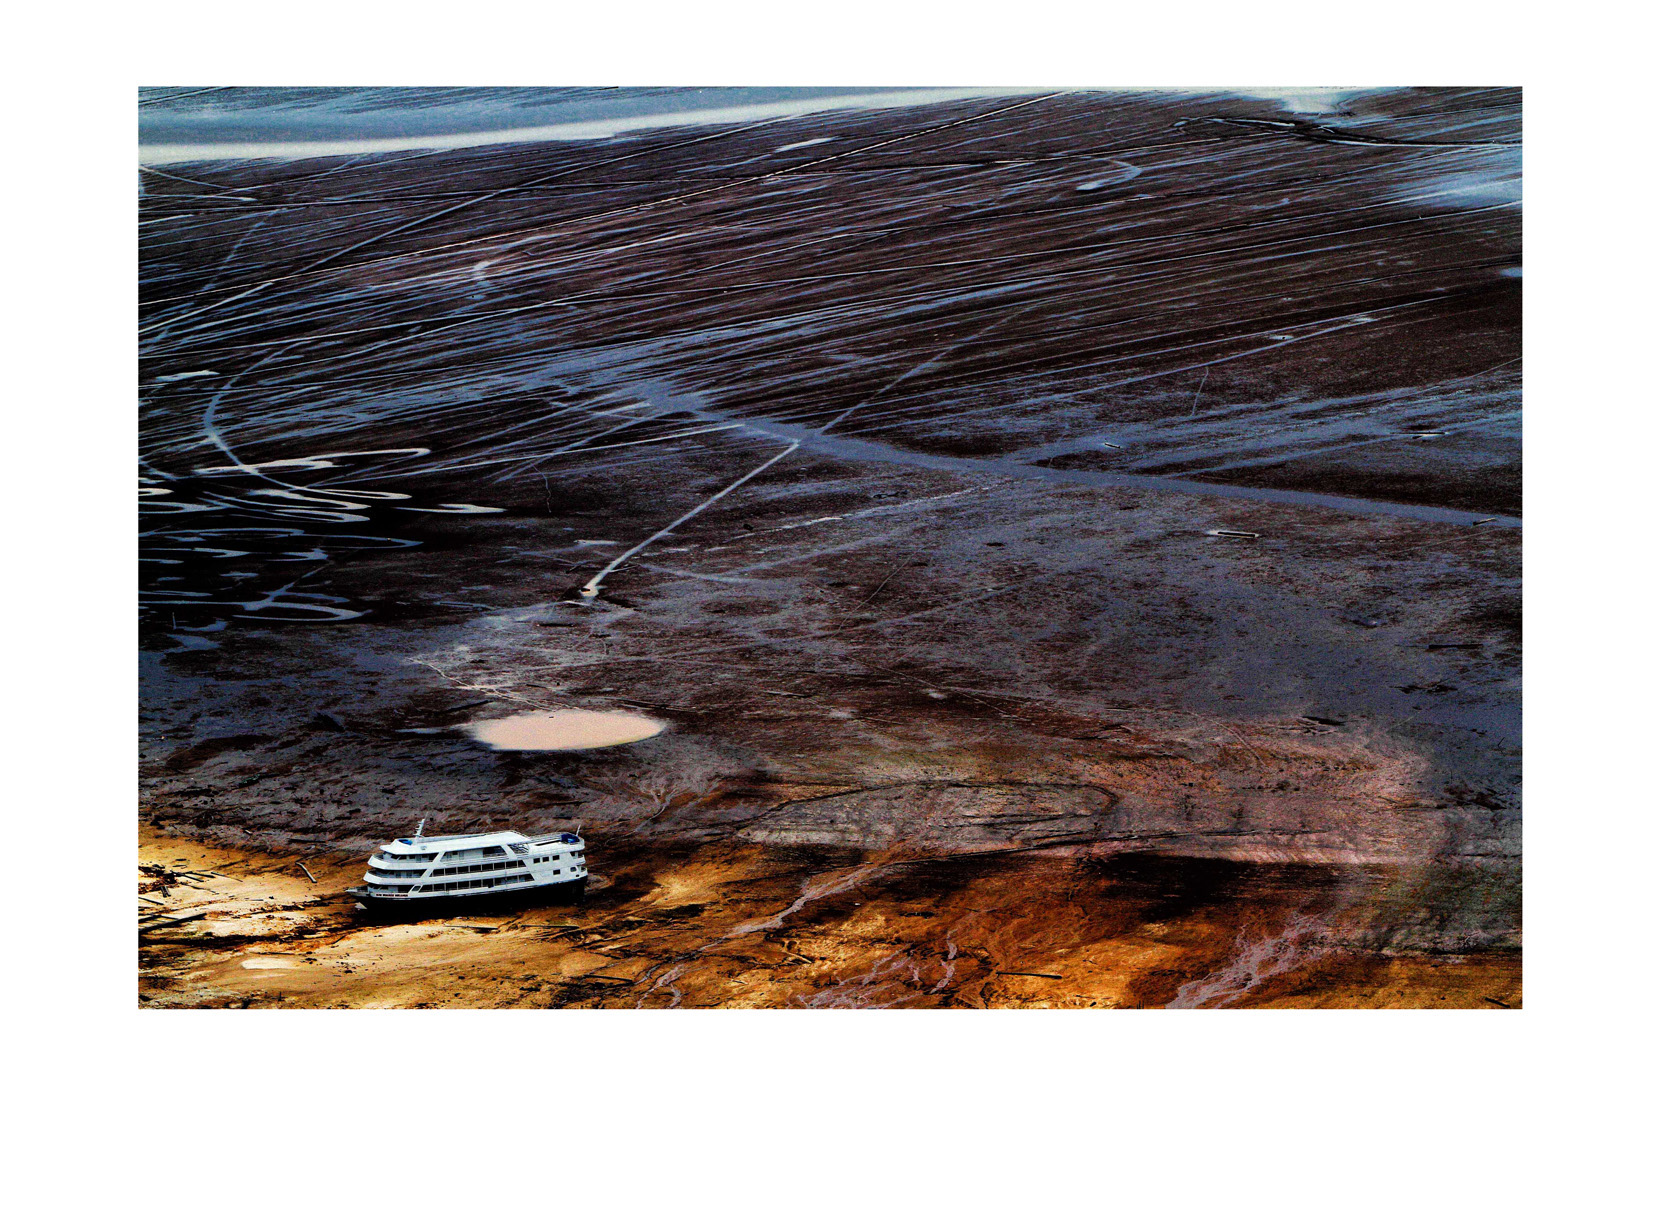 MANAUS AM 25 10 2010 RECORDE VAZANTE- SECA AMAZONAS. Barco  no meio do leito rio seco em frente a cidade de Manaus, onde o rio Negro ontem marcou a maior vazante da história. Hoje o nível do rio subiu 2 centímetros e marca 13,65 metros. A Defesa Civil do Amazonas começou a distribuição de kits de alimentação em 6 comunidades da região do Médio Solimões, serão 130 toneladas em 6 nas comunidades mais iisoladas onde só é possível chegar por meio de helicóptero do Exercito. A operação será feita pelo 4o_ Batalhão de Aviação do Exército BAVEX em comunidaes de Tefé, Alvarães e Uarini.  (Foto Alberto Cesar Araujo)